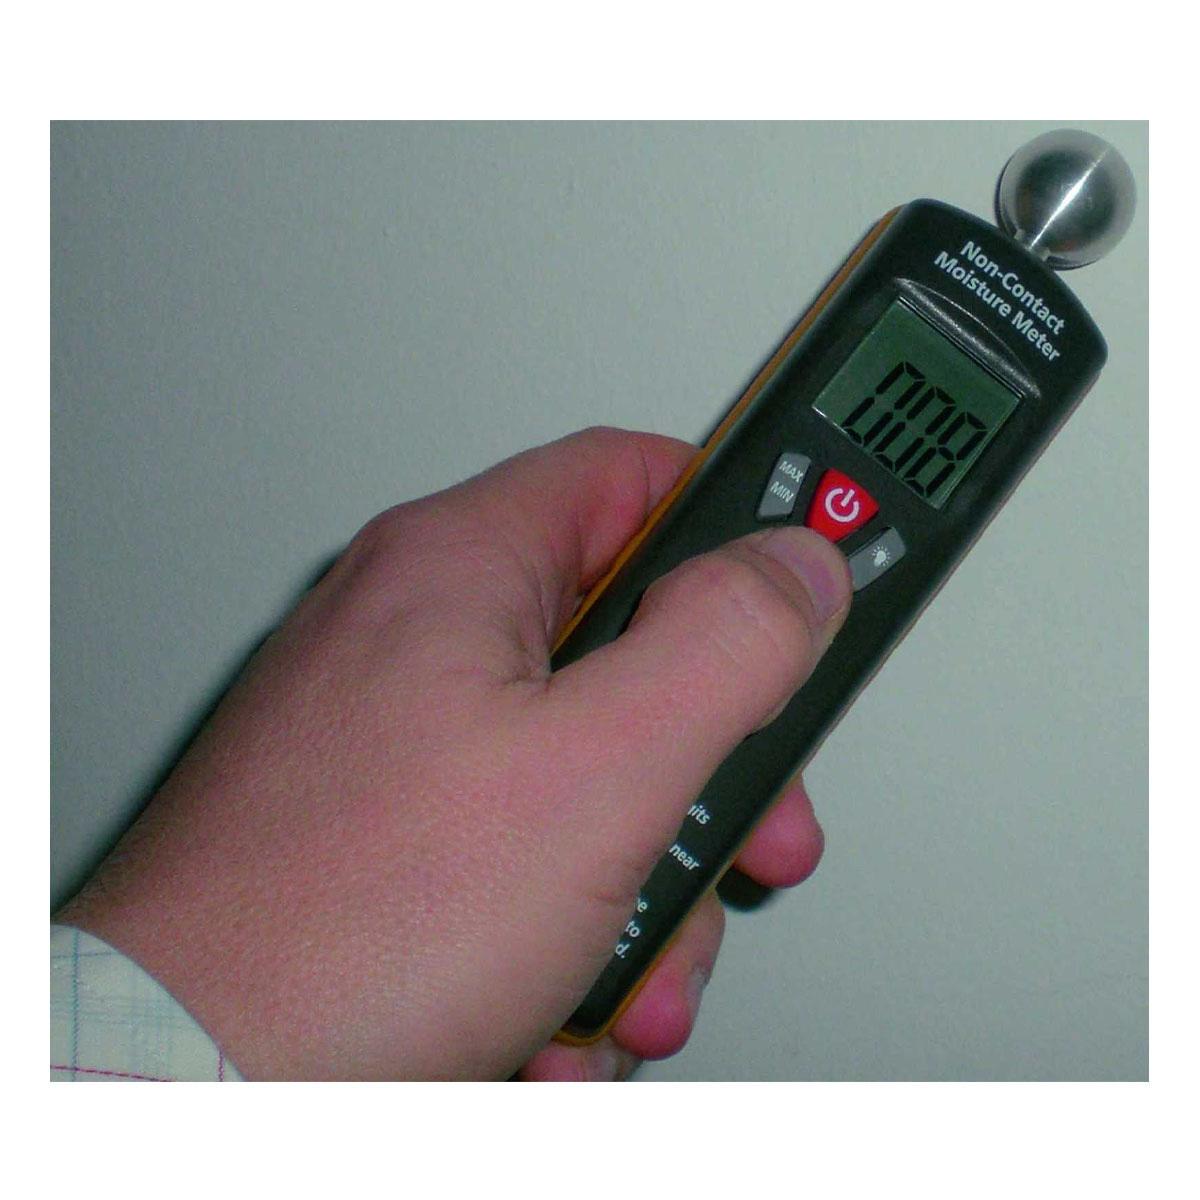 30-5503-materialfeuchtemessgerät-humidcheck-contact-anwendung-1200x1200px.jpg